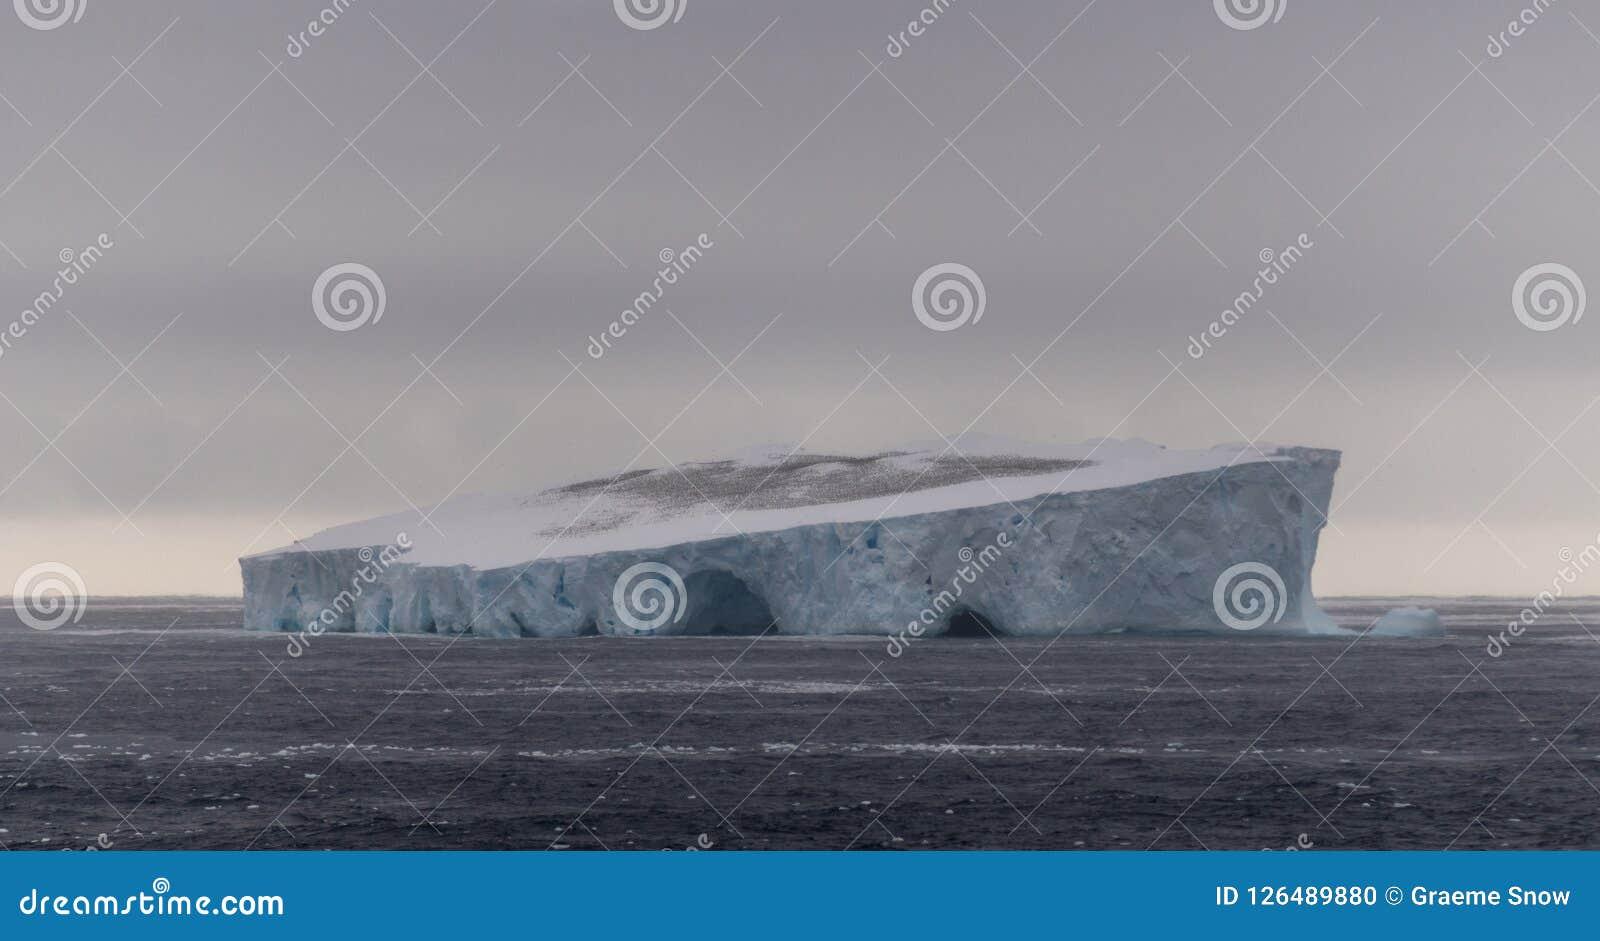 Rebanho enorme de petréis antárticos sobre o iceberg tabular, oceano do sul, a Antártica